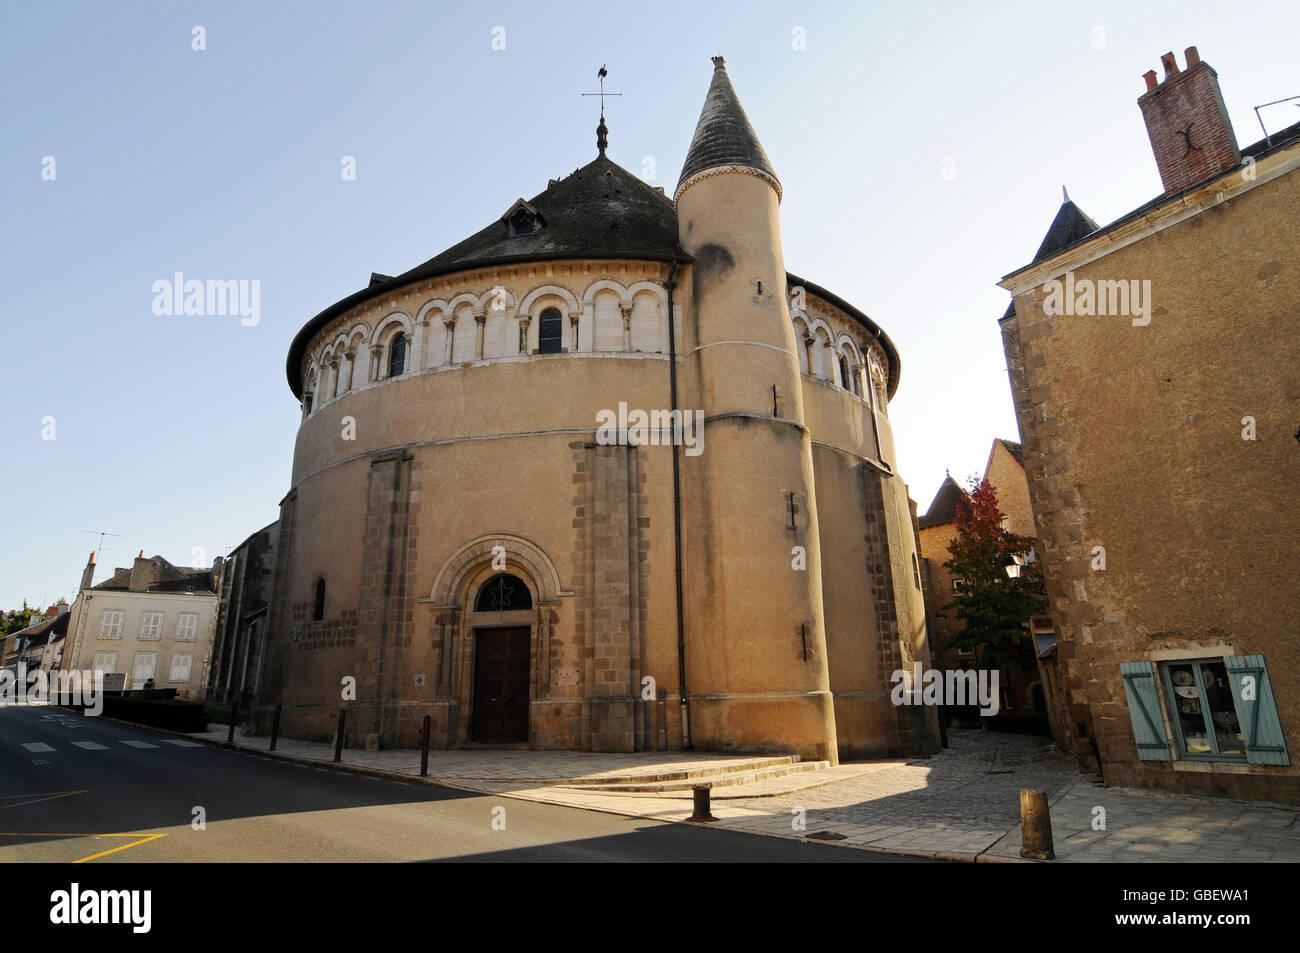 Collegiate church Saint Etienne, Neuvy-Saint-Sepulchre, Indre, Centre, France / St-Jacques de Neuvy-Saint-Sepulchre, - Stock Image